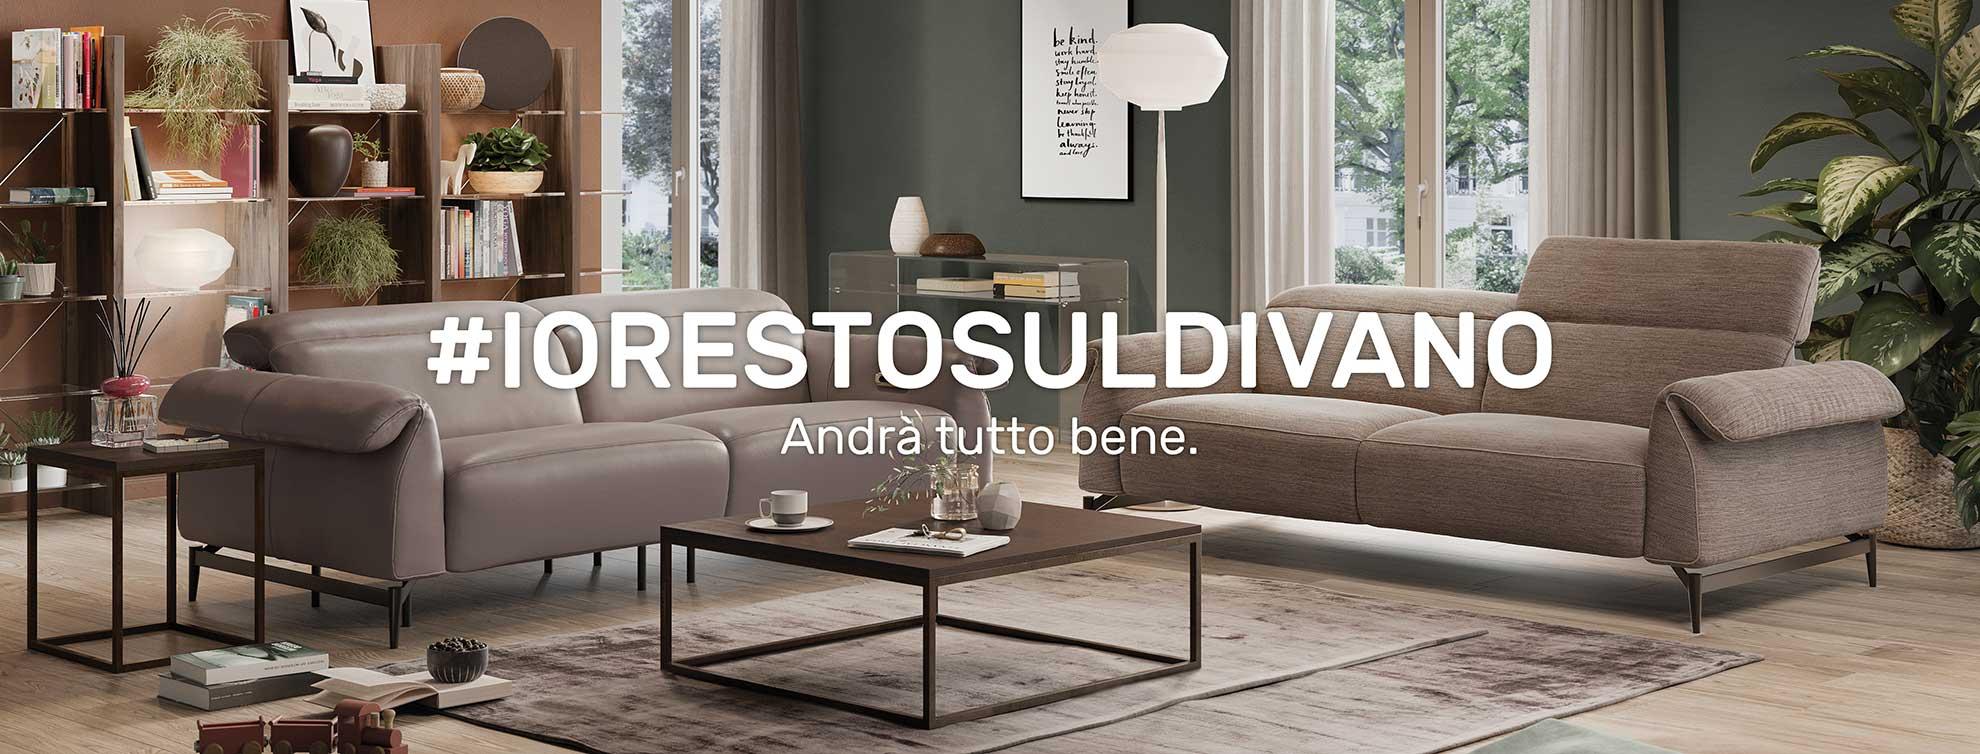 Divani E Divani Montesilvano.Divani Divani By Natuzzi